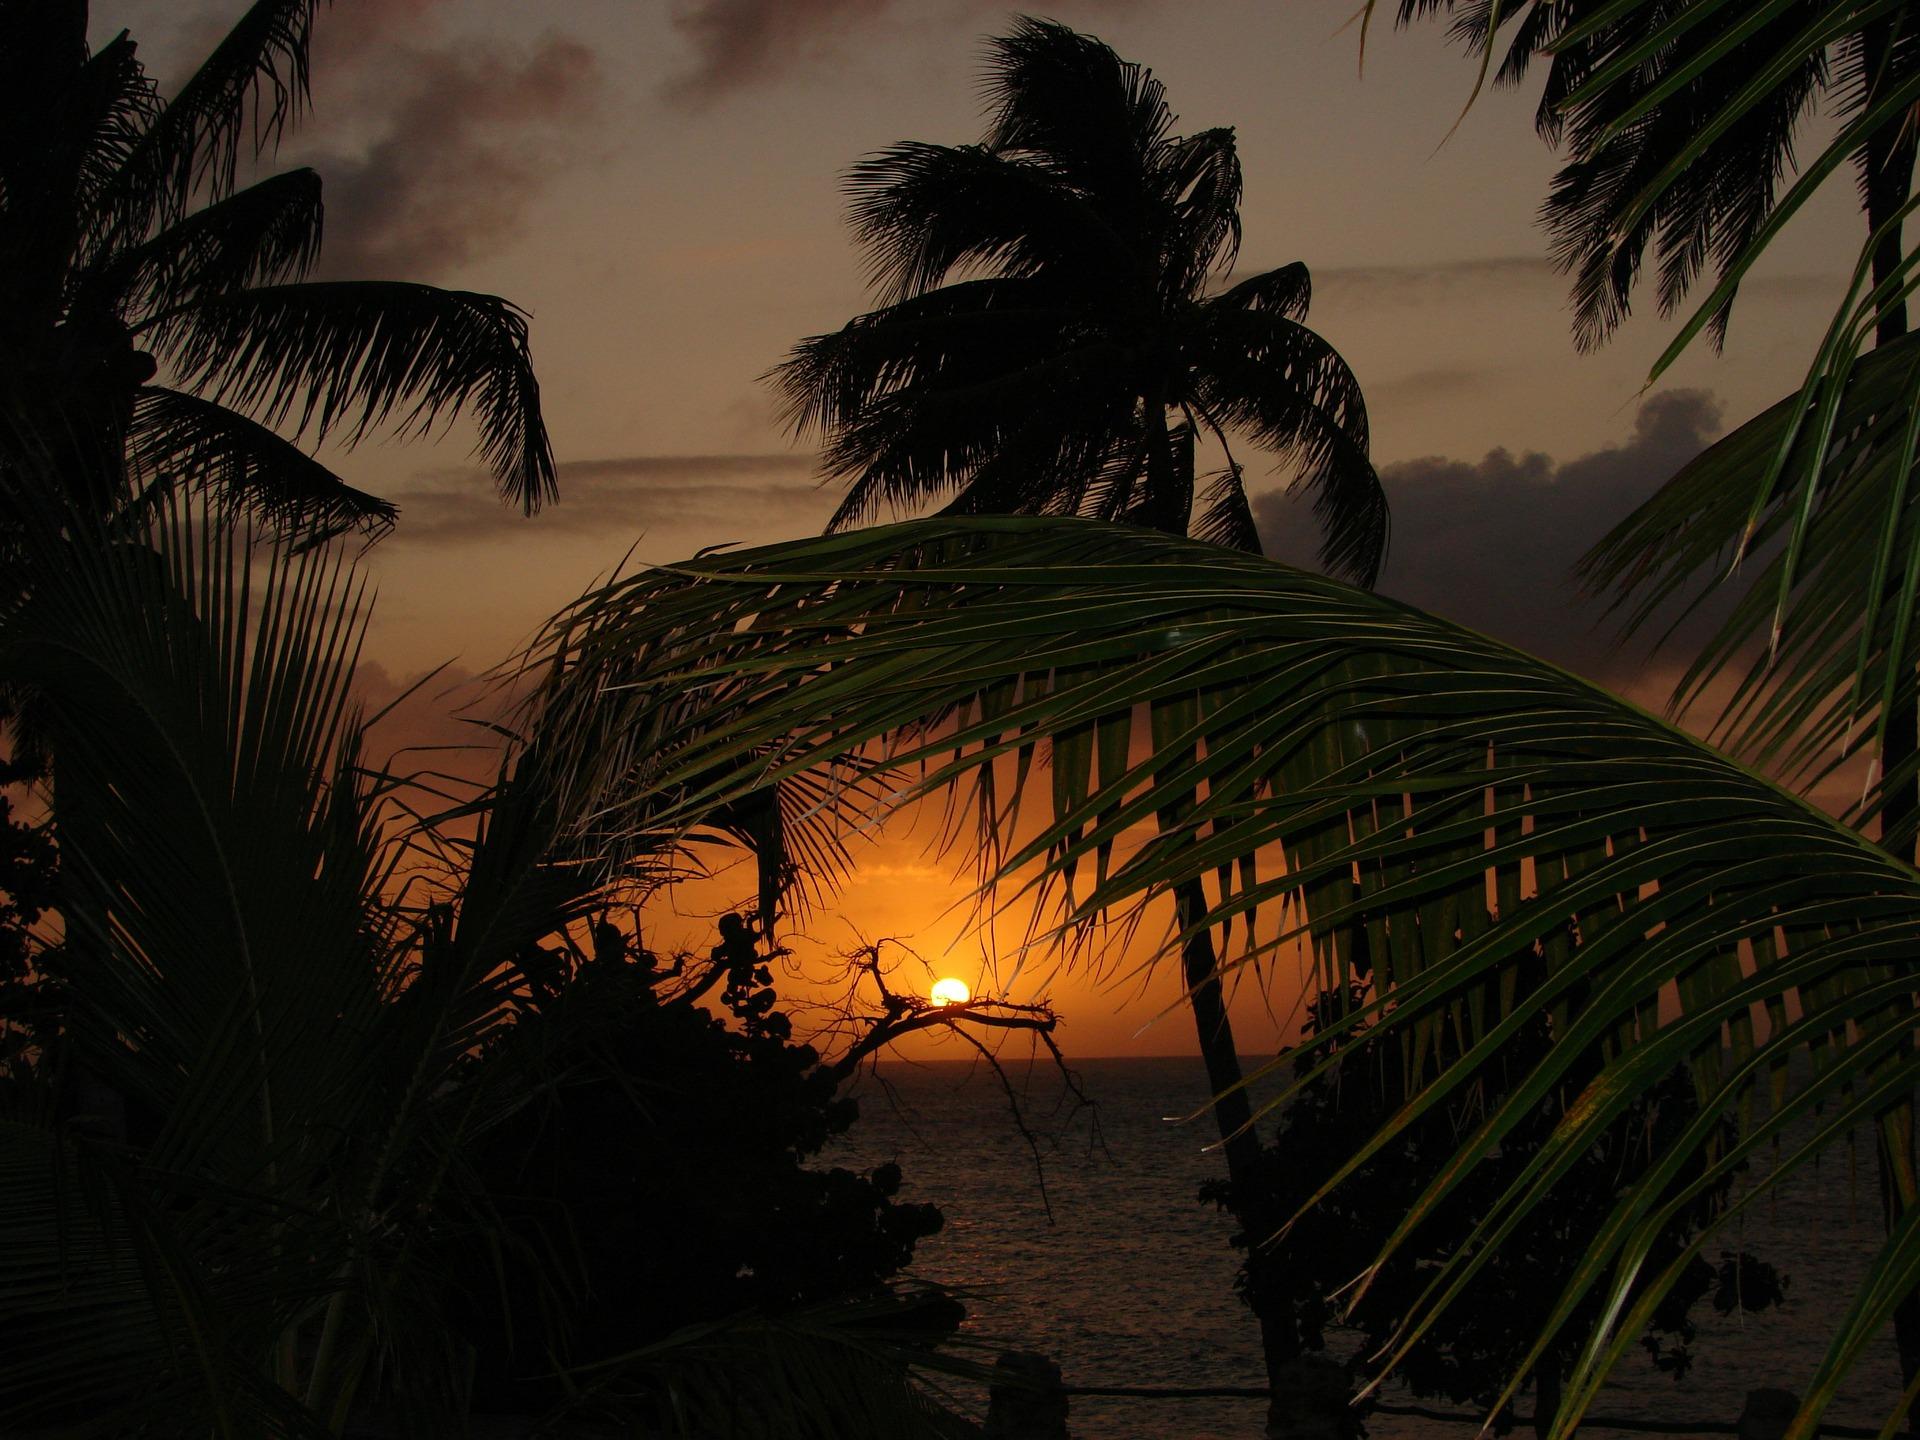 Nádherné západy slunce, to je Kostarika